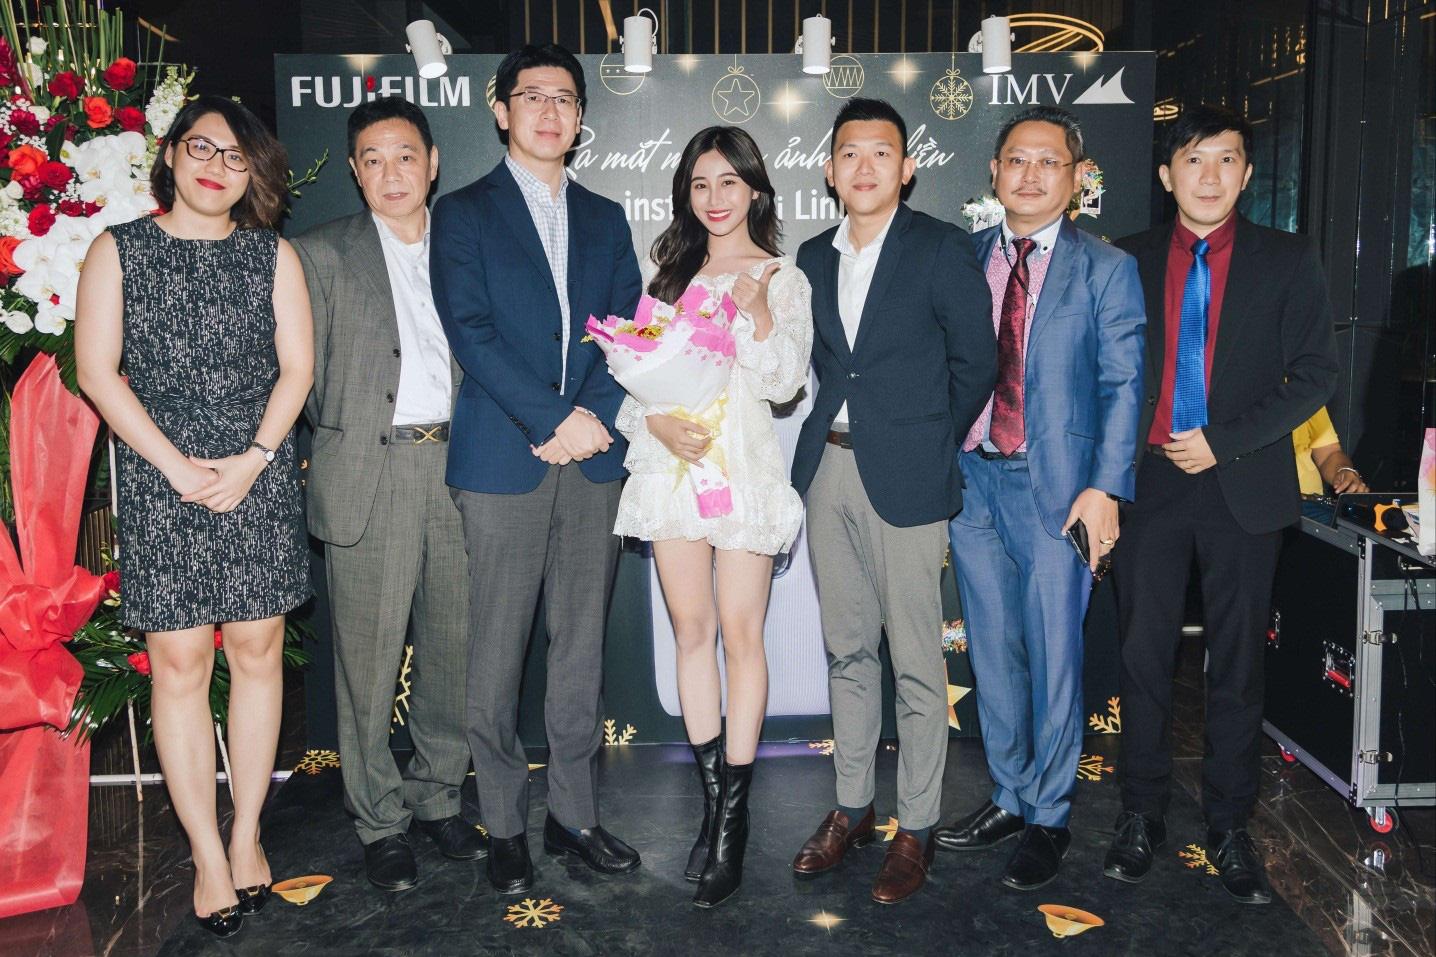 Fujifilm ra mắt dòng máy in ảnh thông minh Instax Mini Link - Ảnh 2.